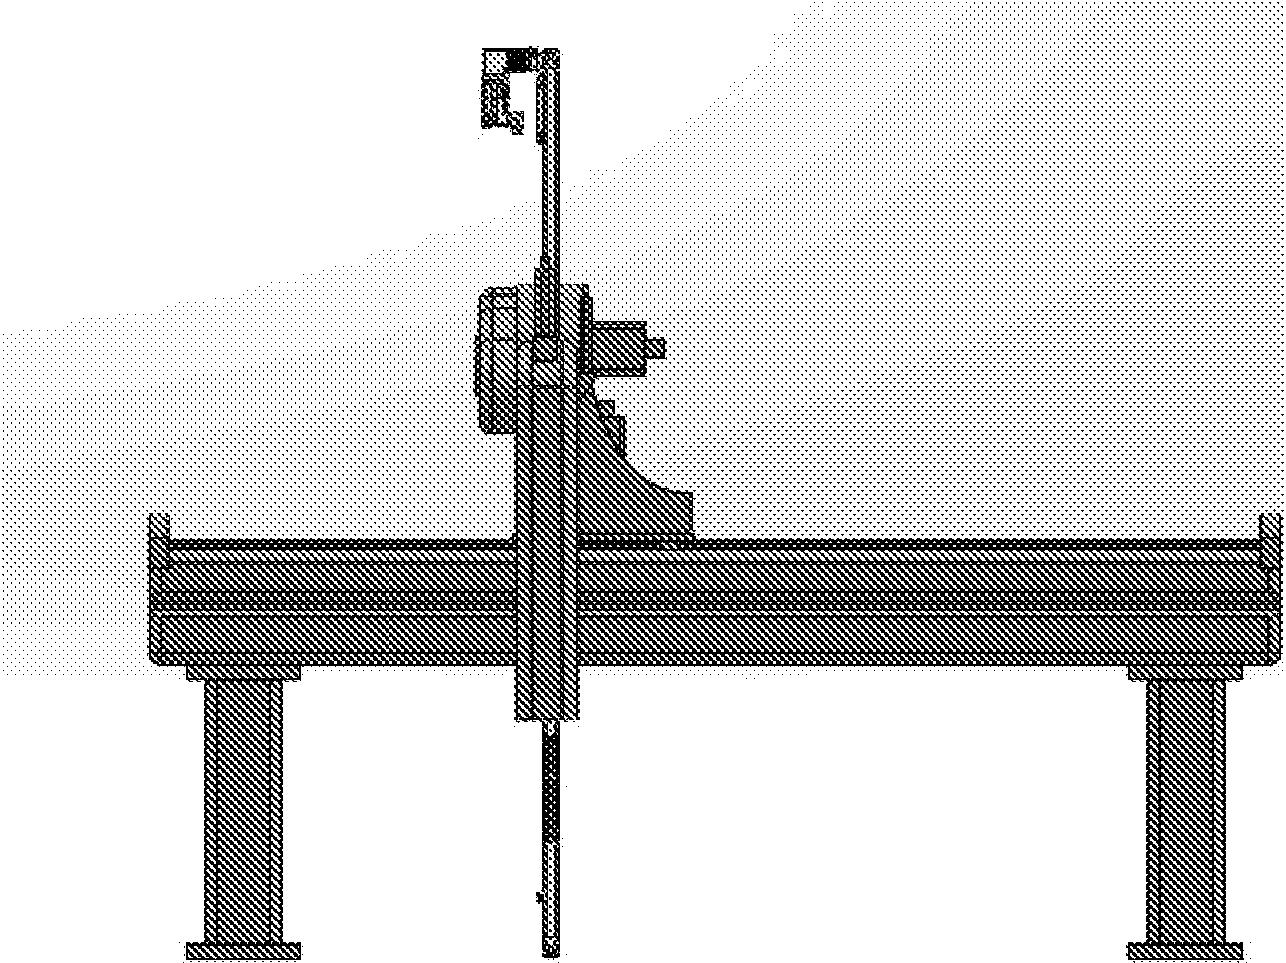 Figure DK201700203A1_C0001